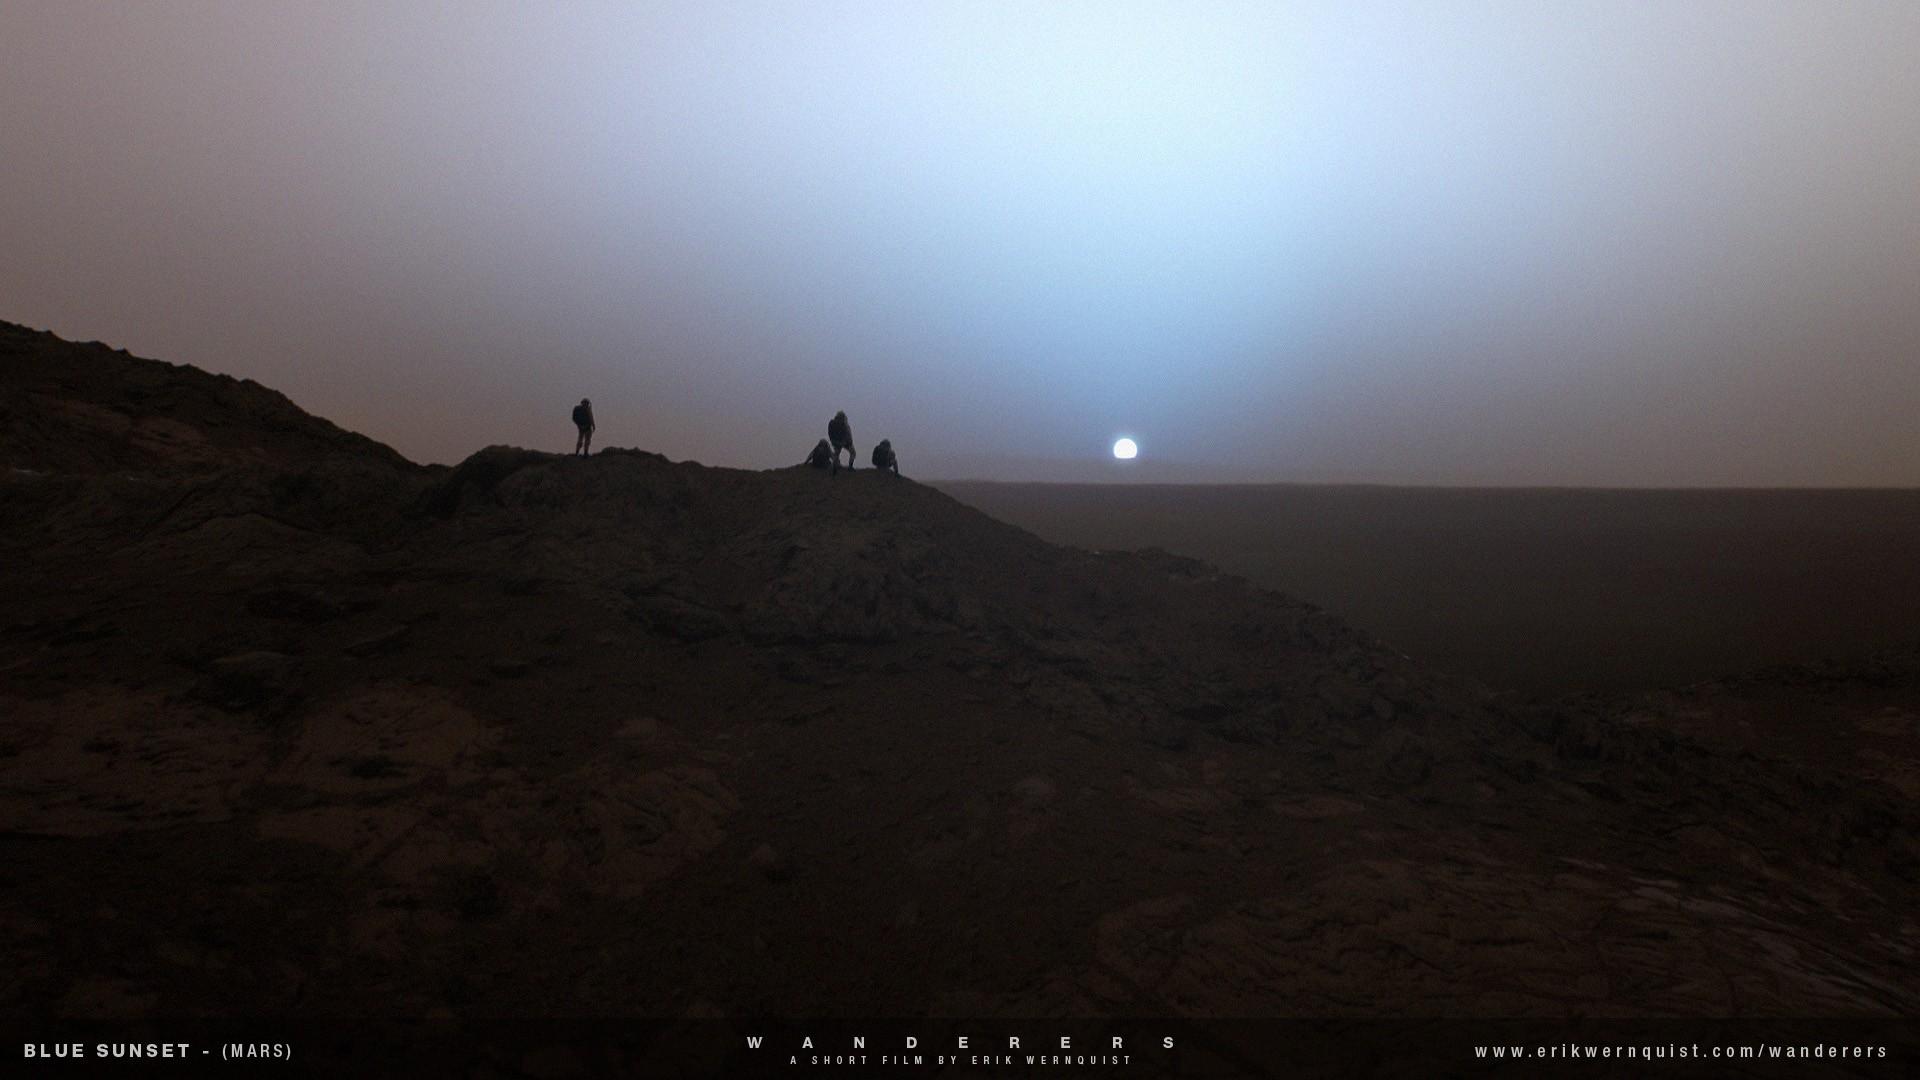 Humanos apreciando o pôr do sol alienígena e azulado de Marte (Foto: Reprodução)